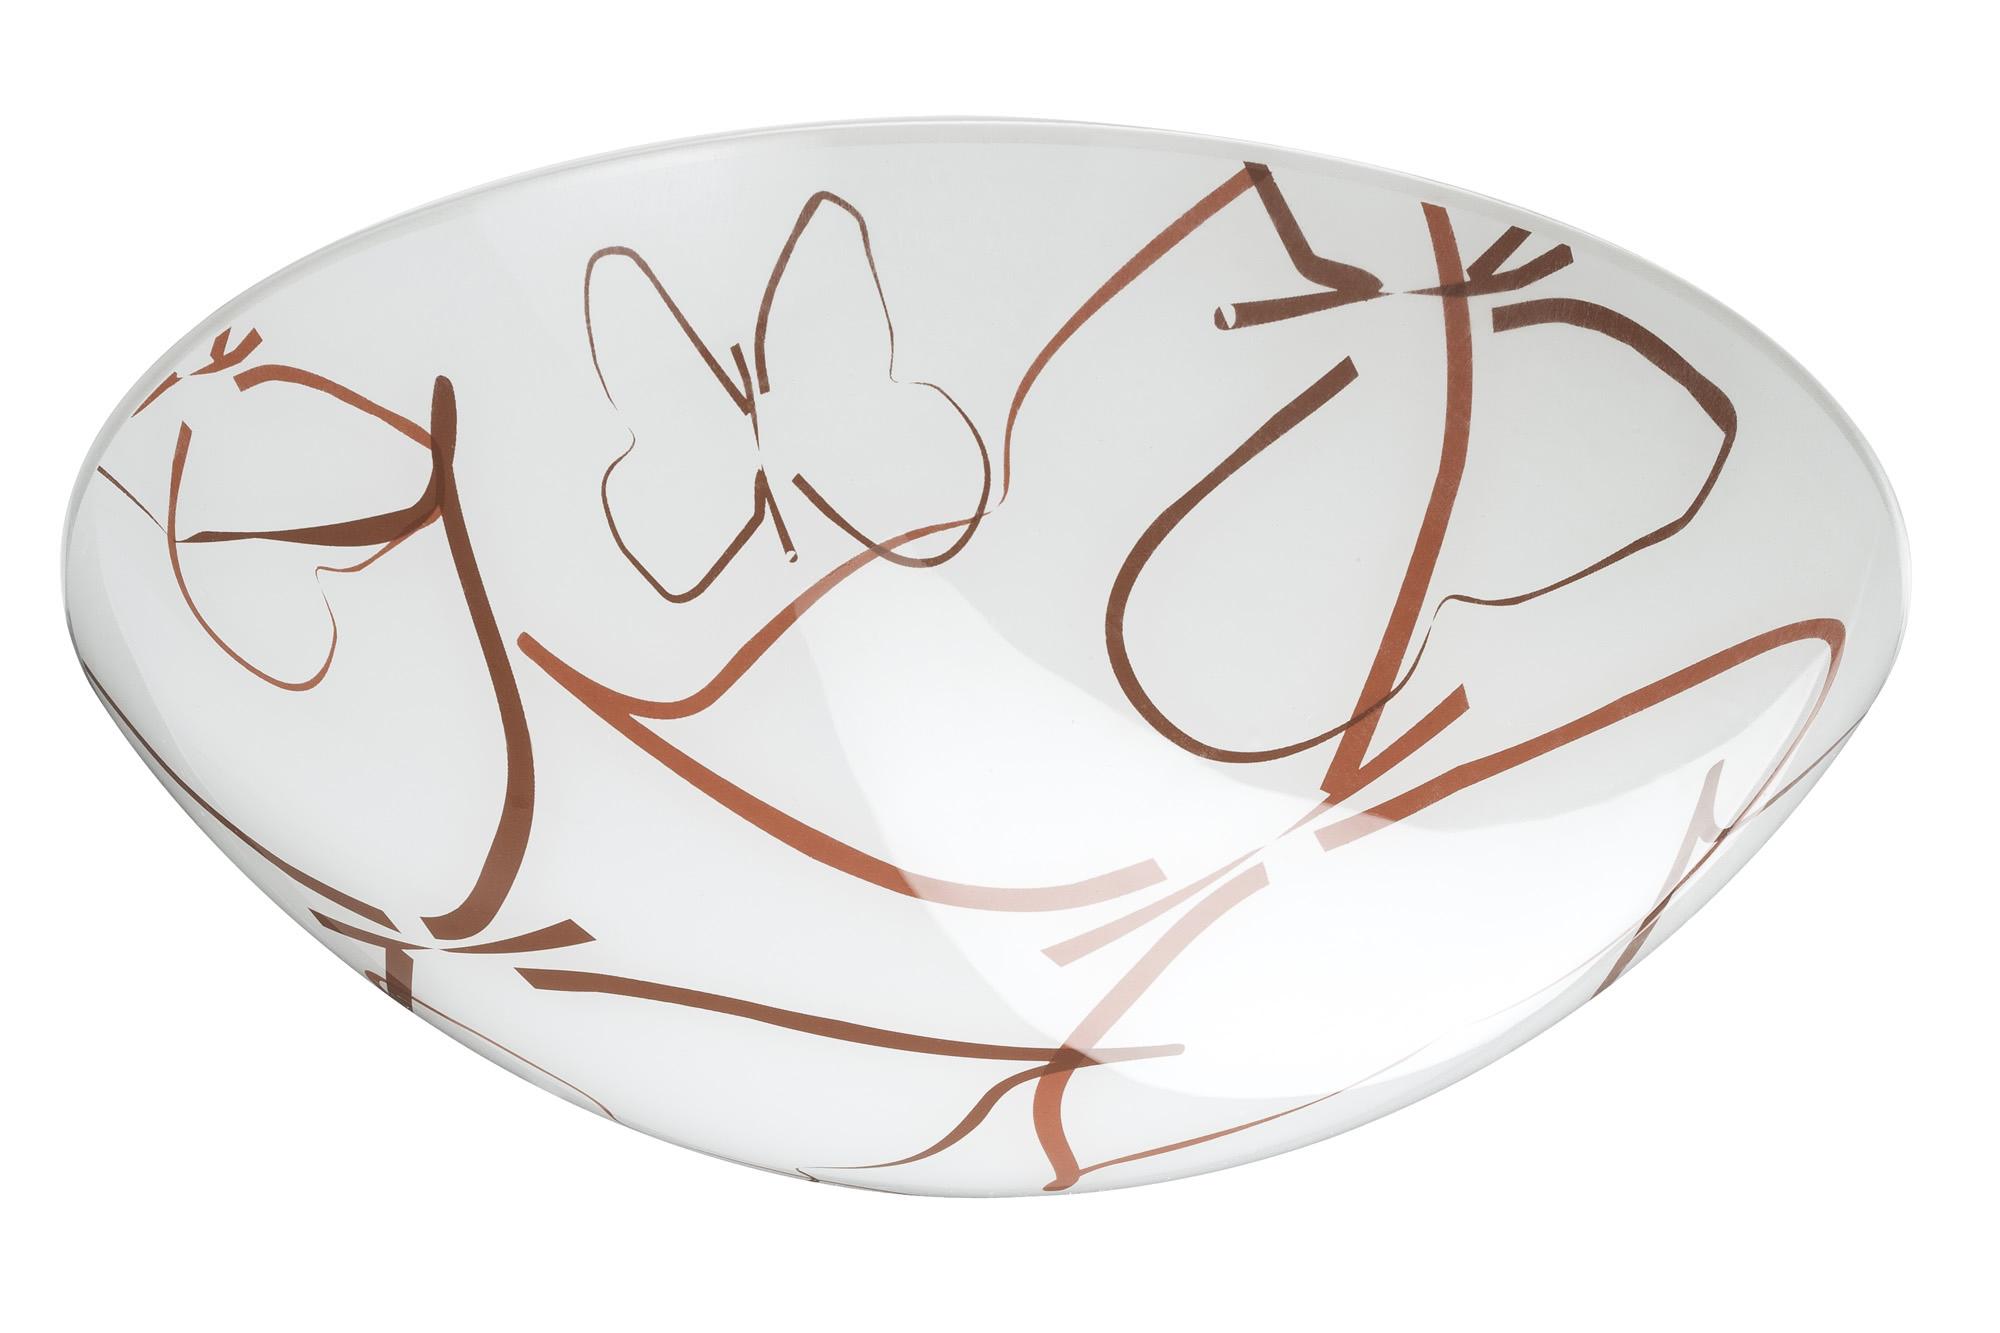 Paulmann. 70239 Плафон Circle Butterflies, стекло, 295 мм